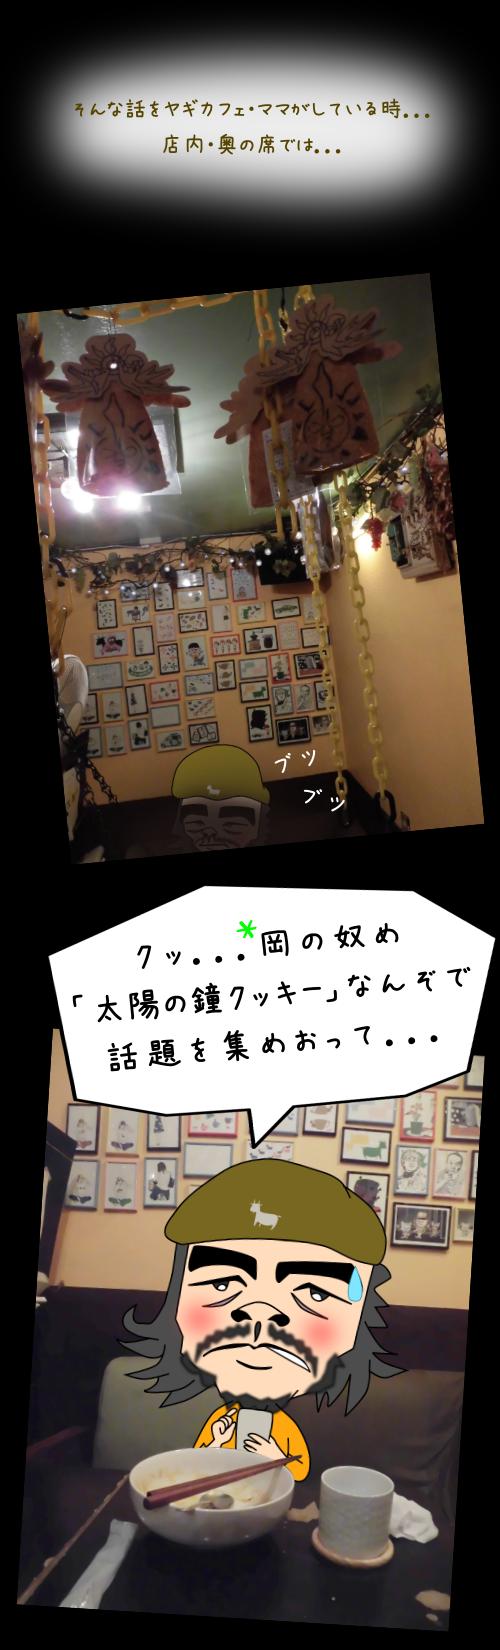 3月22日ブログシーン1.png